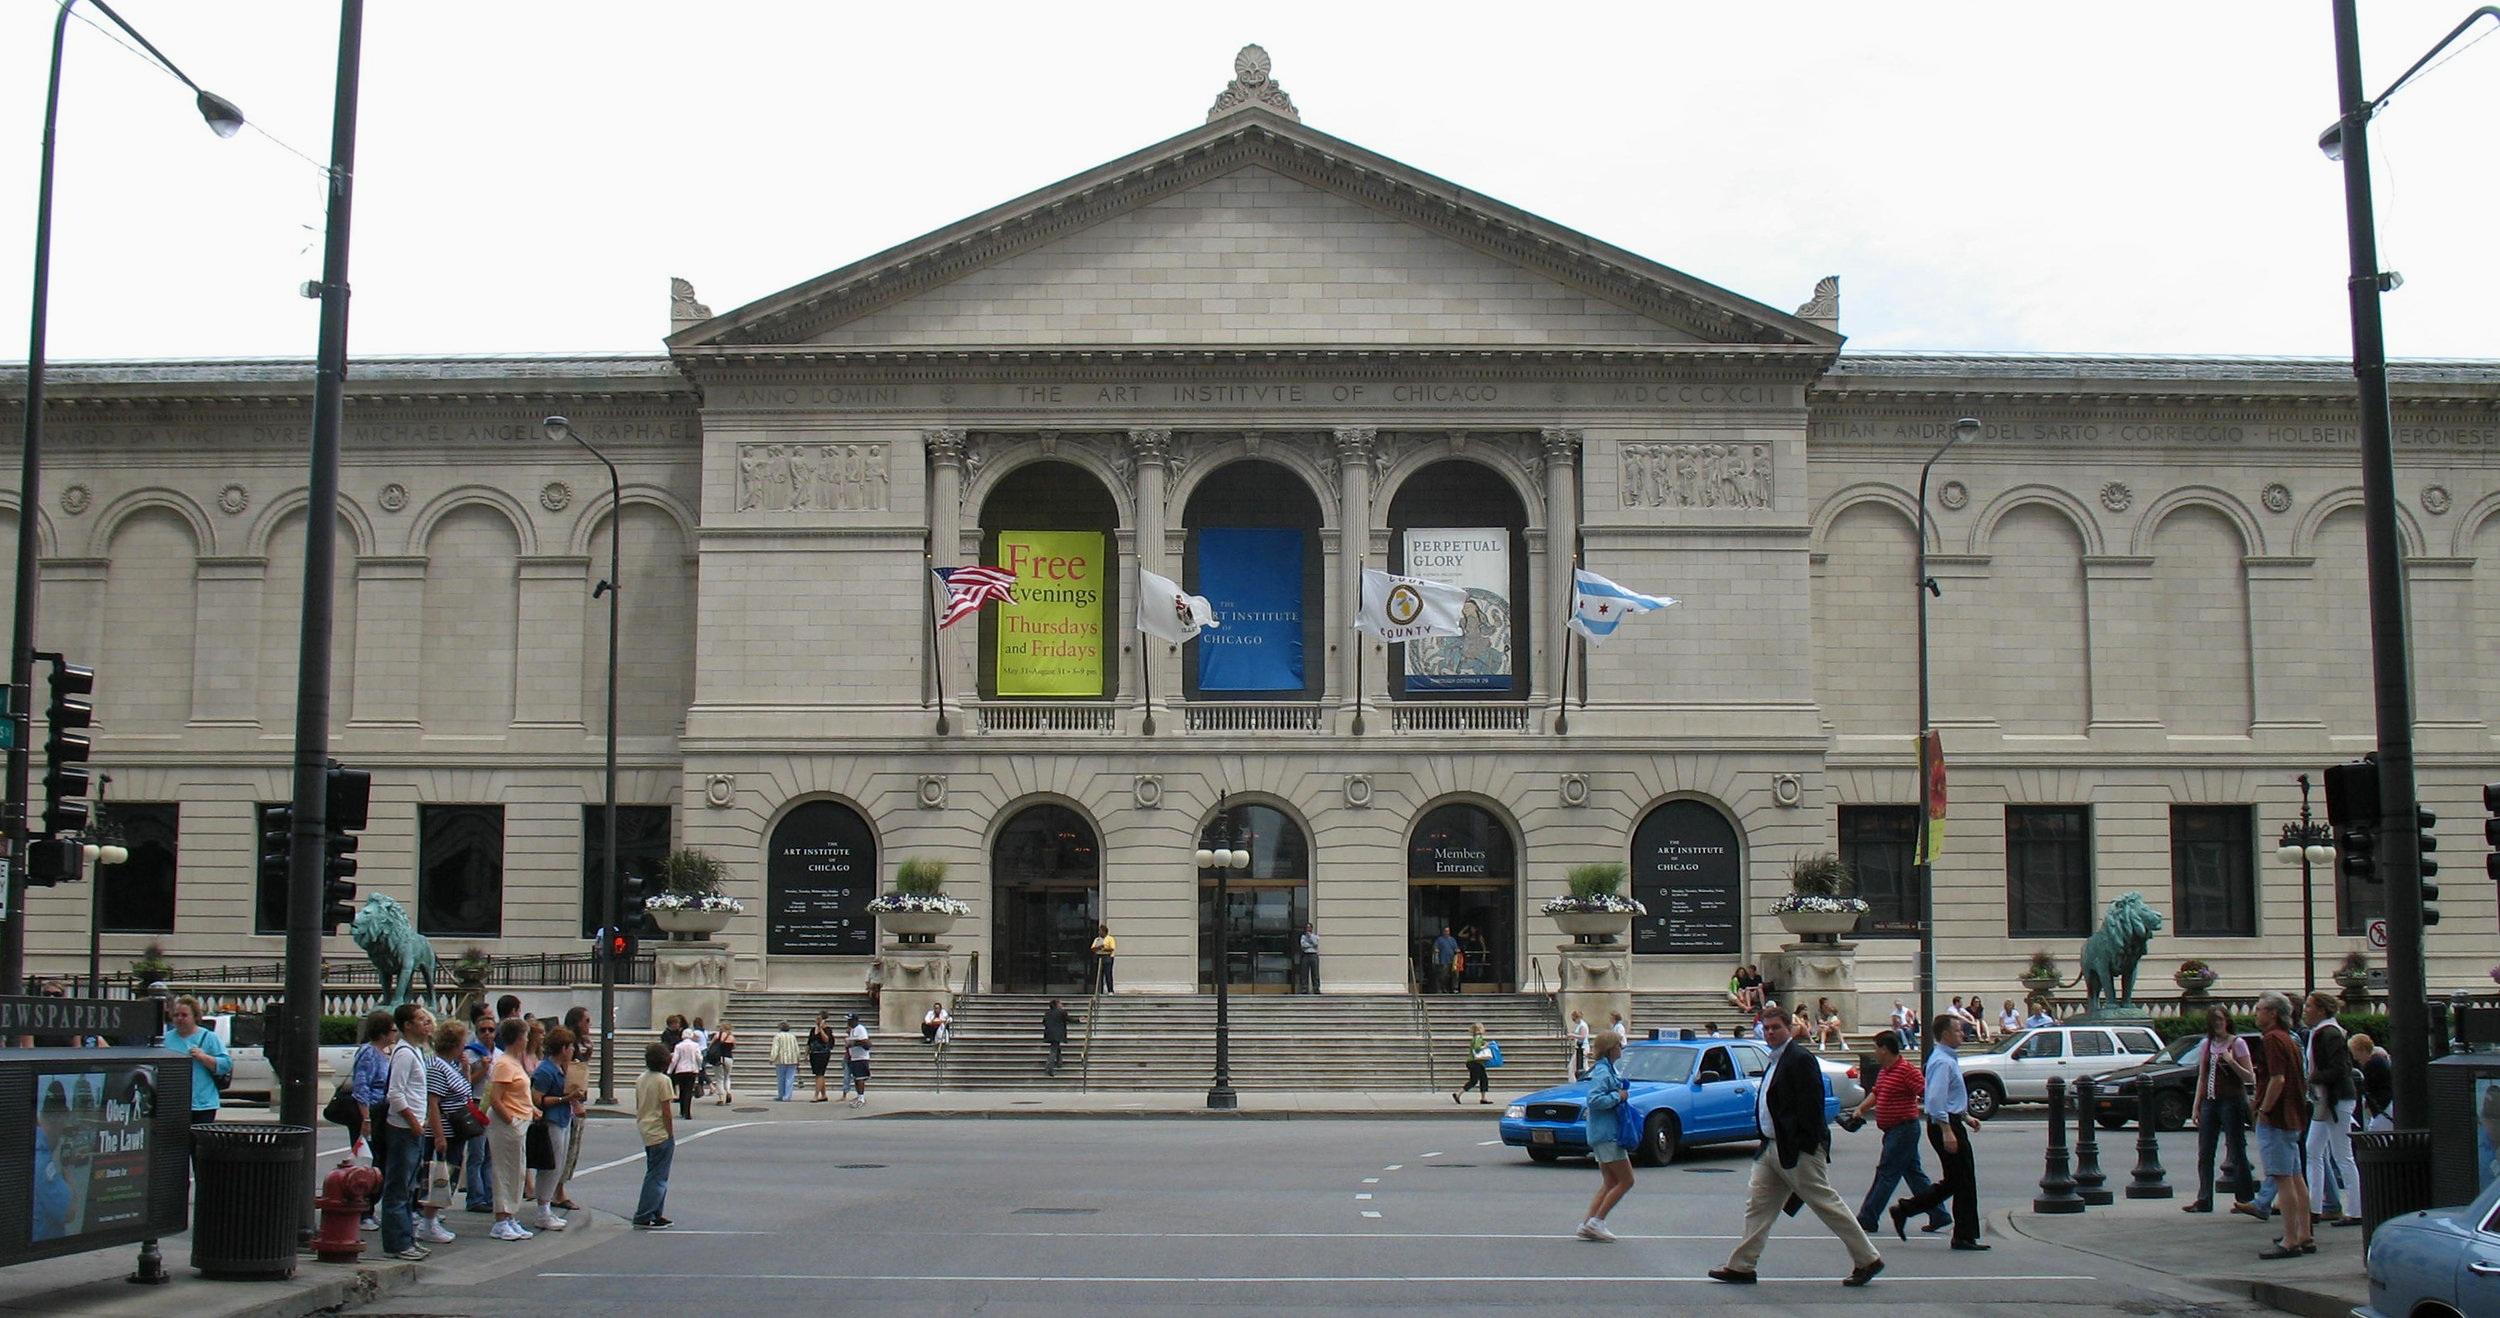 Antonio Vernon,  Art Institute of Chicago Front View , 2007